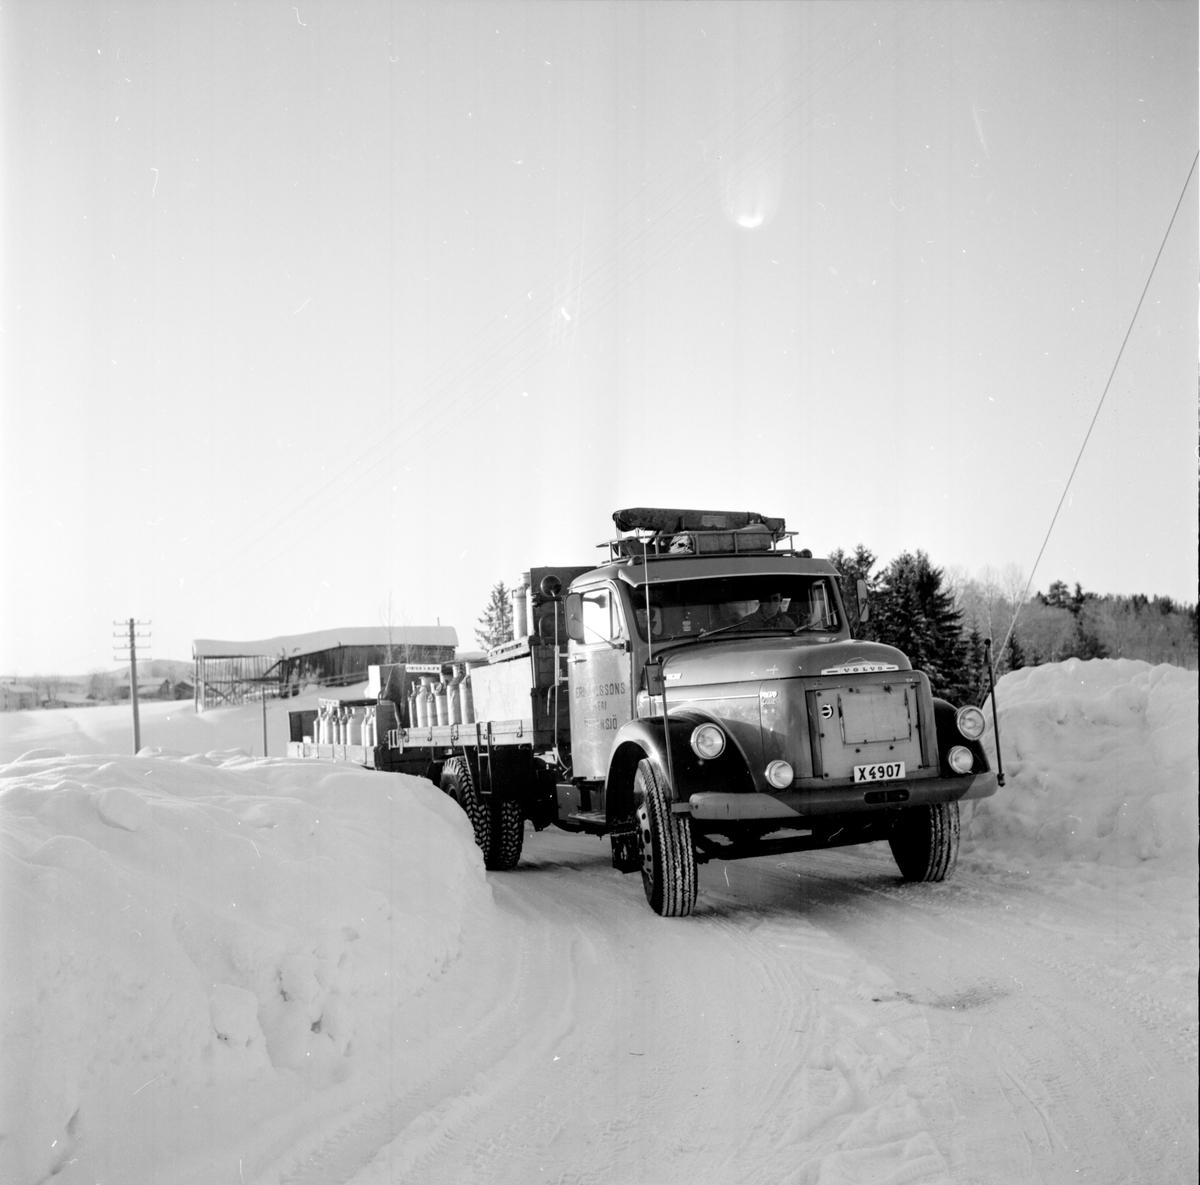 Mjölktransport i kylan, Kyliga arbetsplatser, 19 Jan 1966